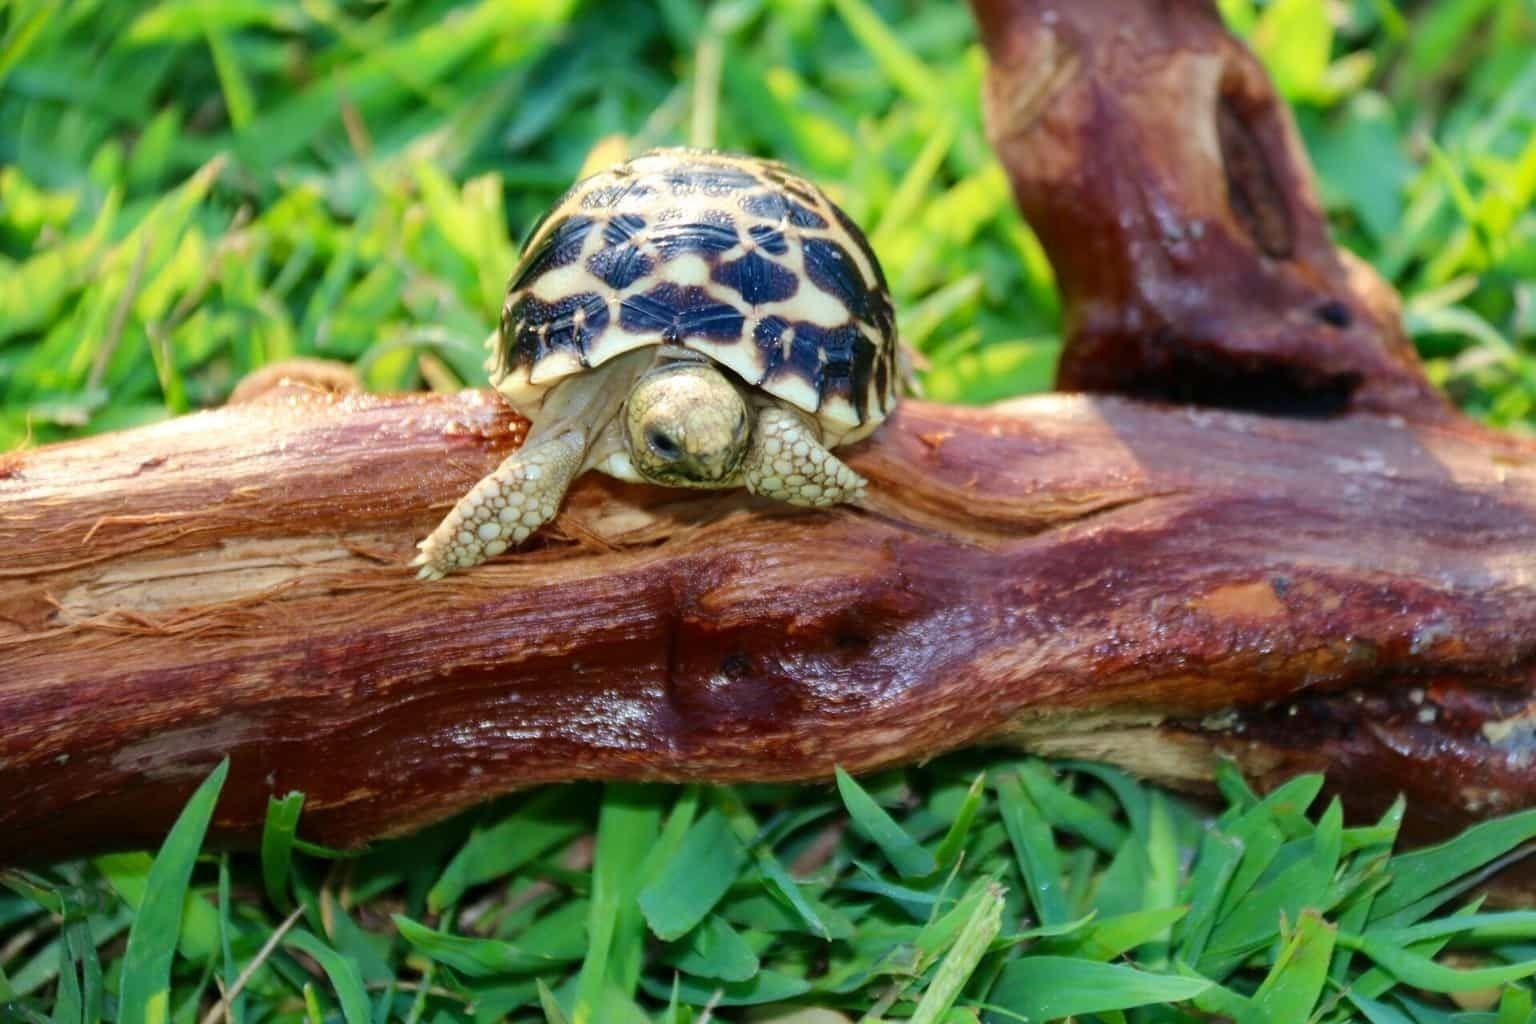 Pin on Tortoises & Turtles